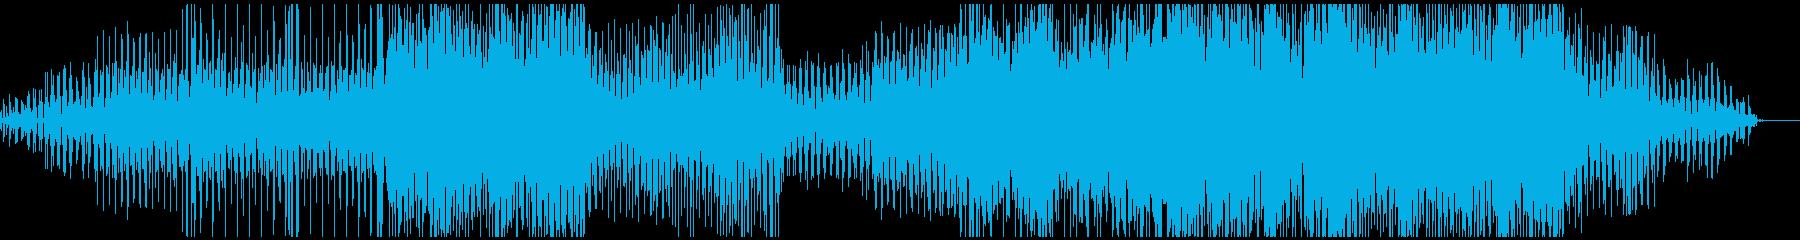 ポップ テクノ 実験的な ポジティ...の再生済みの波形